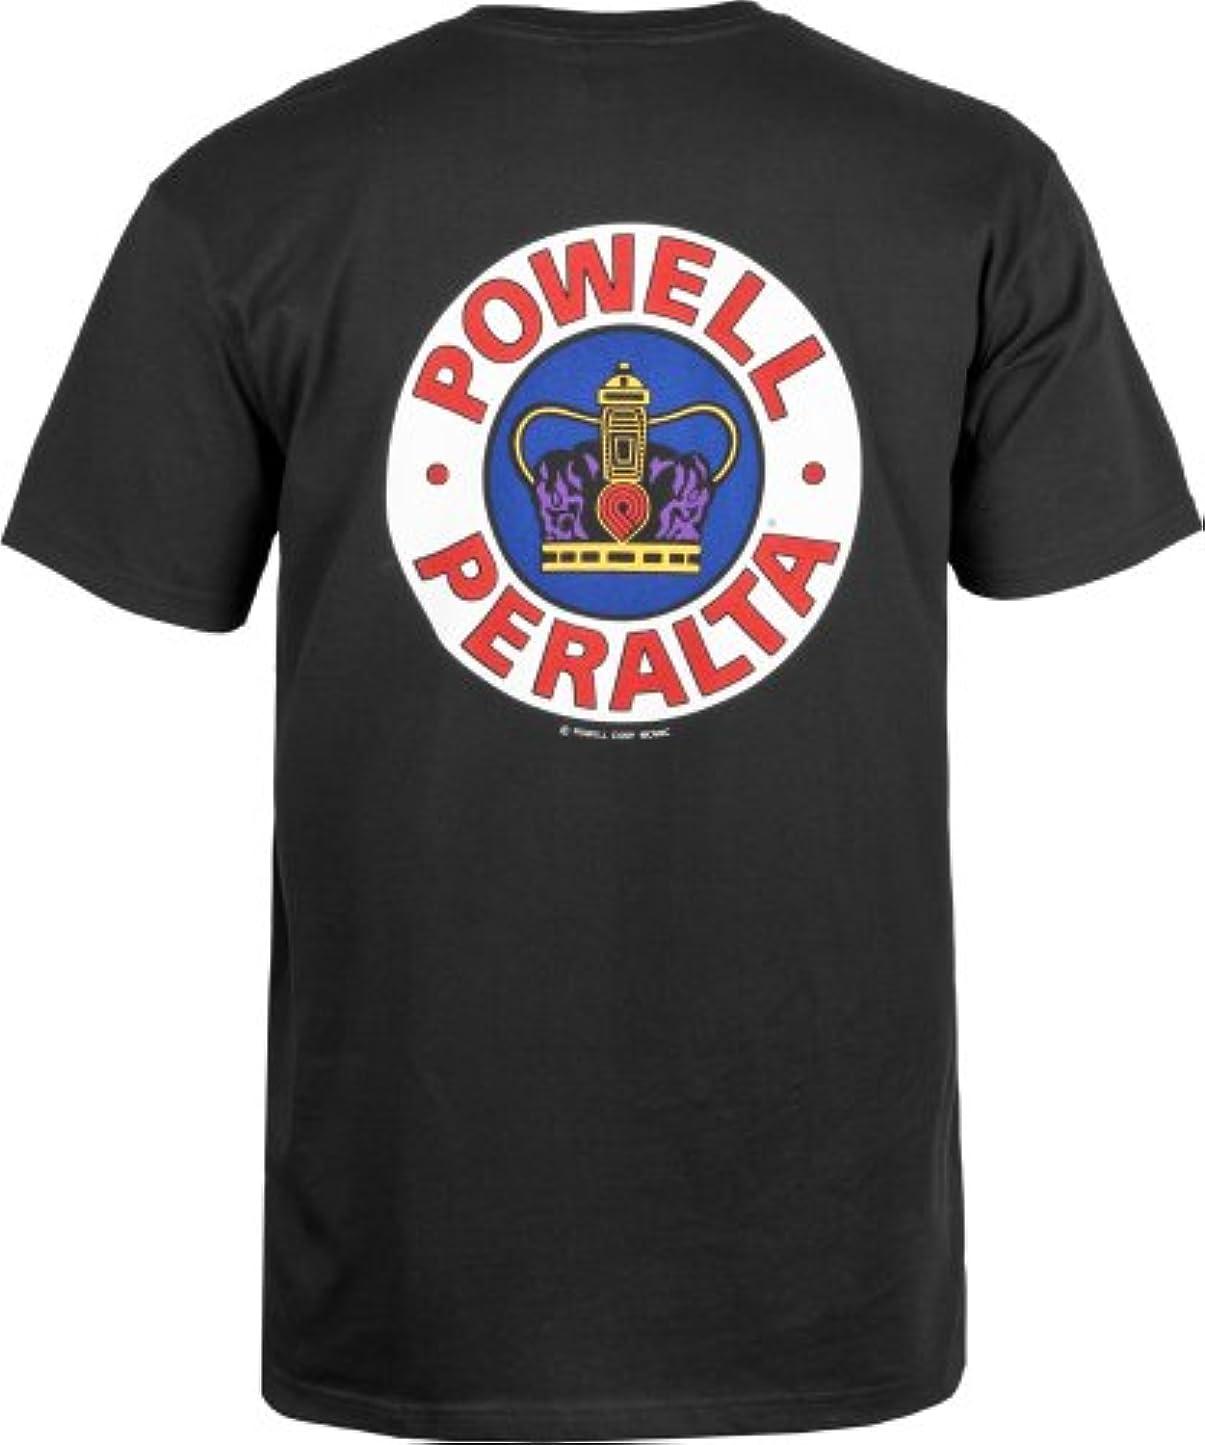 小切手転倒ダウンタウン(パウエル) POWELL SUPREME シュプリーム Tシャツ 黒 S